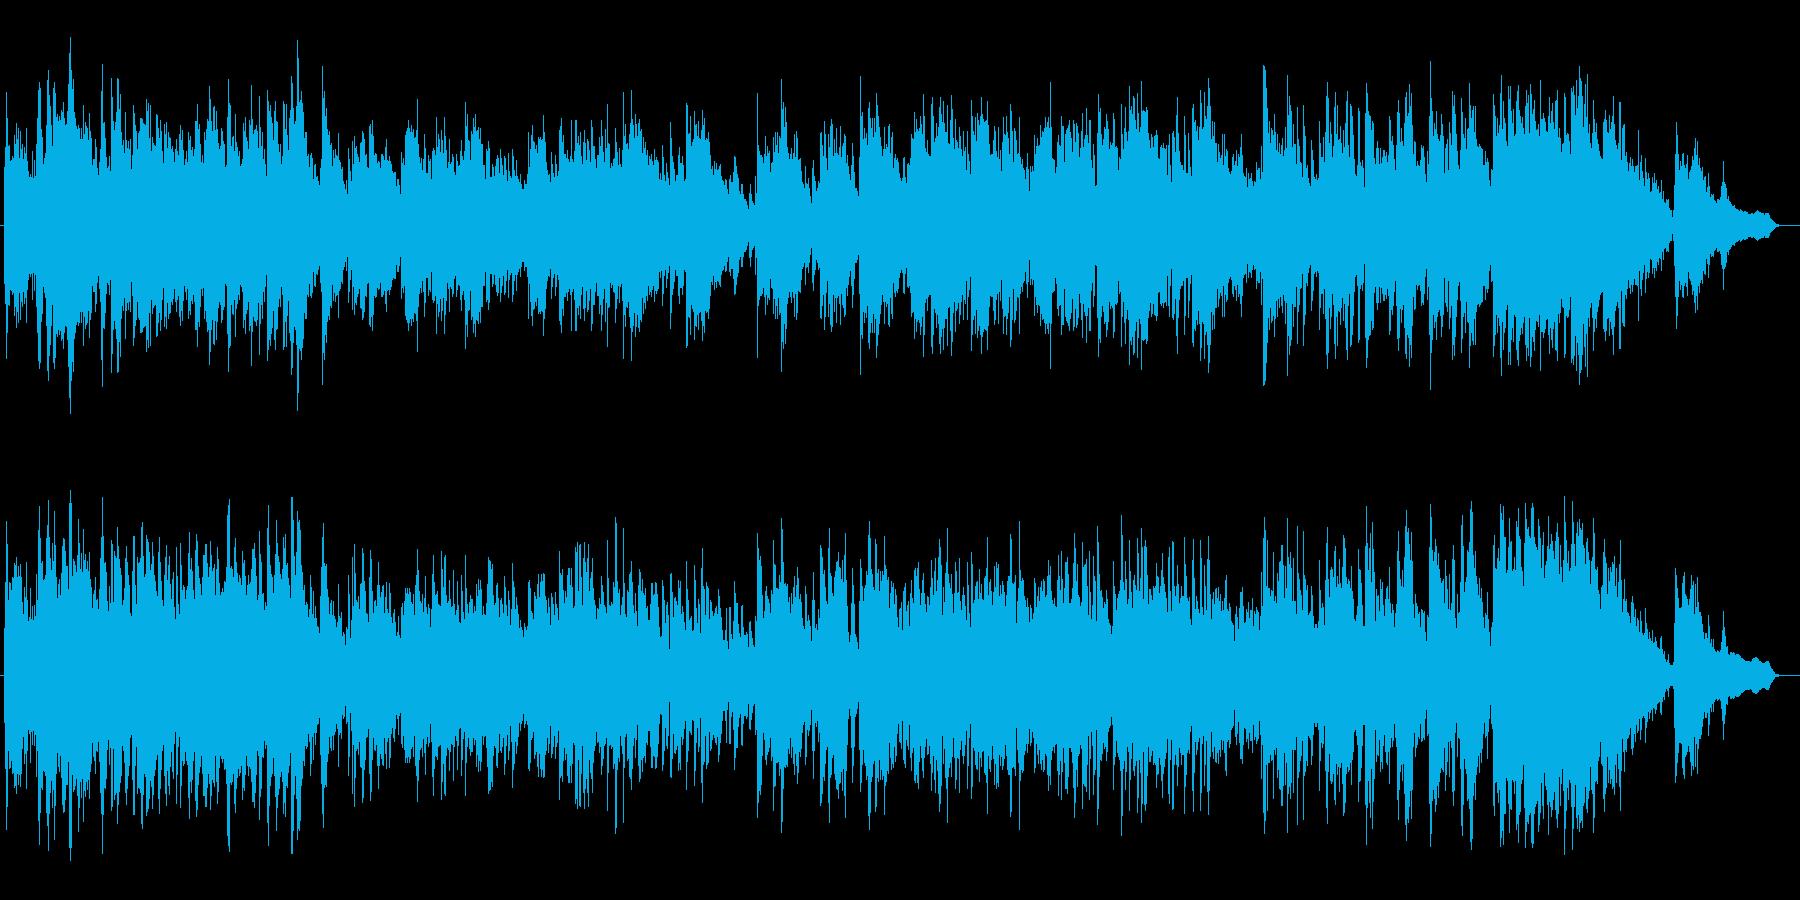 風を感じ感動的なピアノによるバラードの再生済みの波形